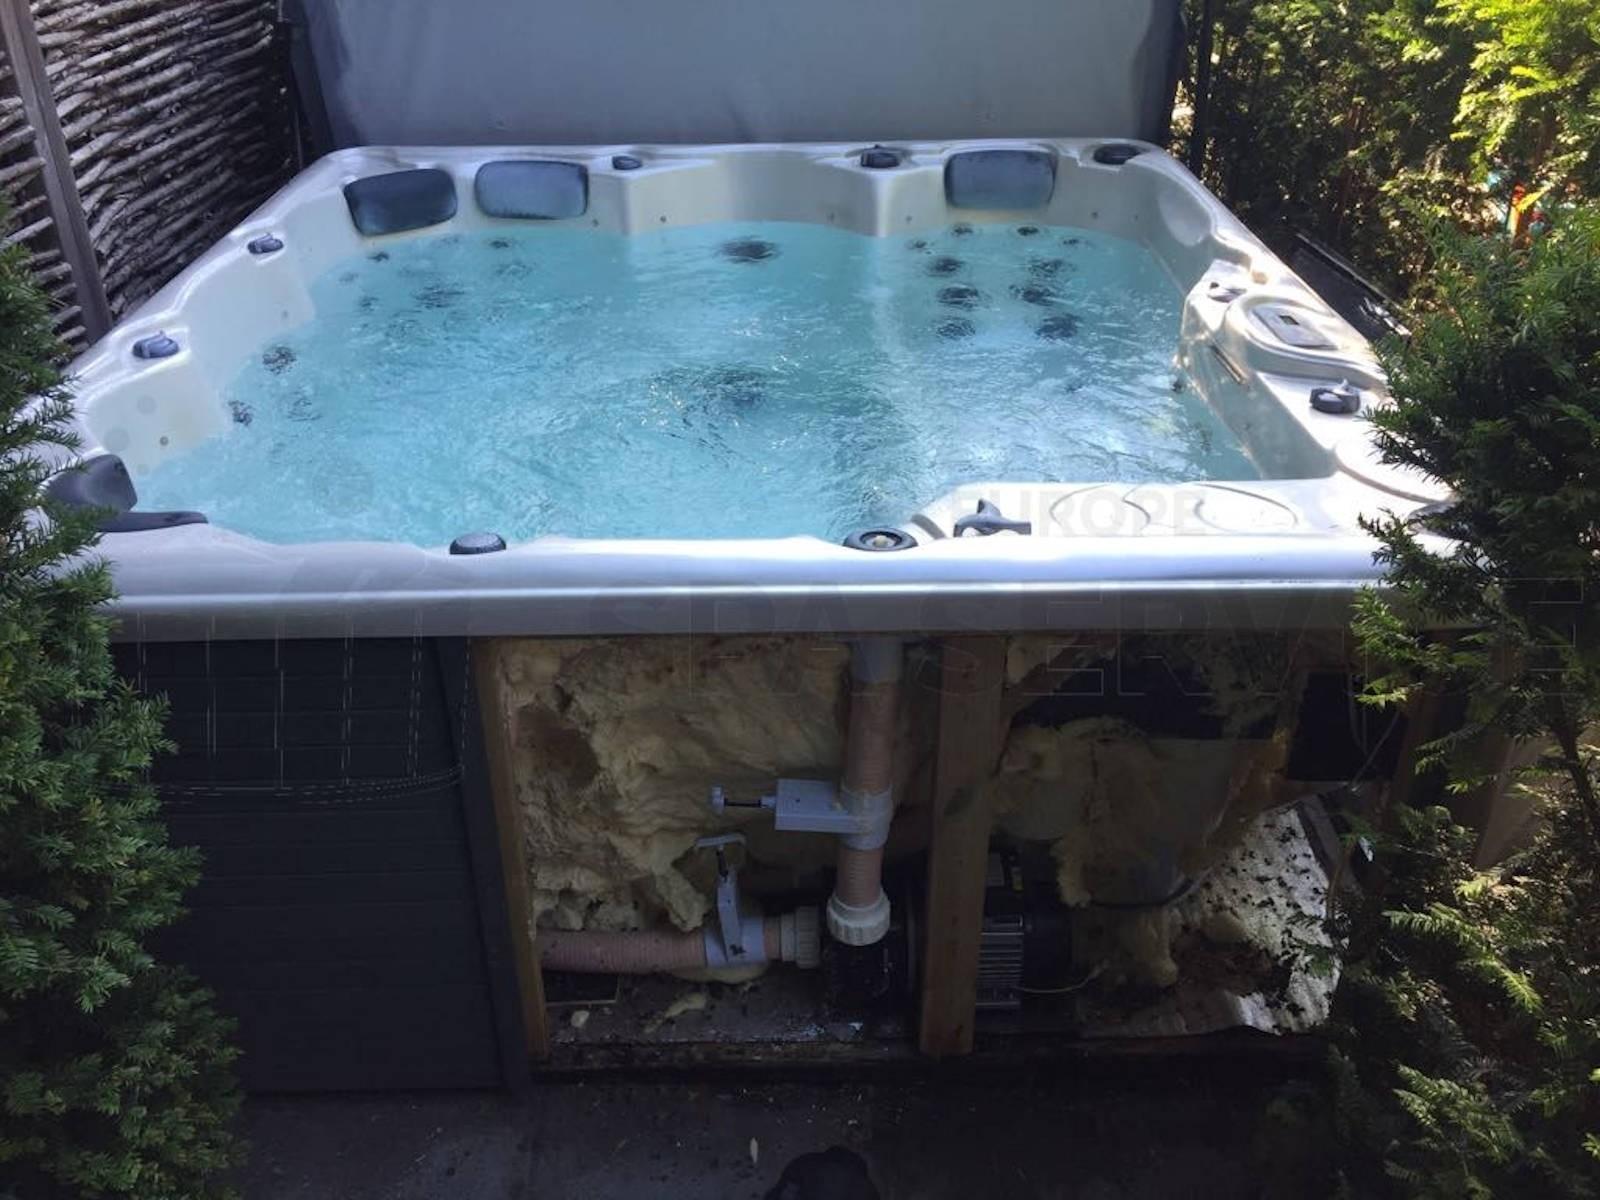 Groot onderhoud aan een Sunspa Napoli spa in Heiloo